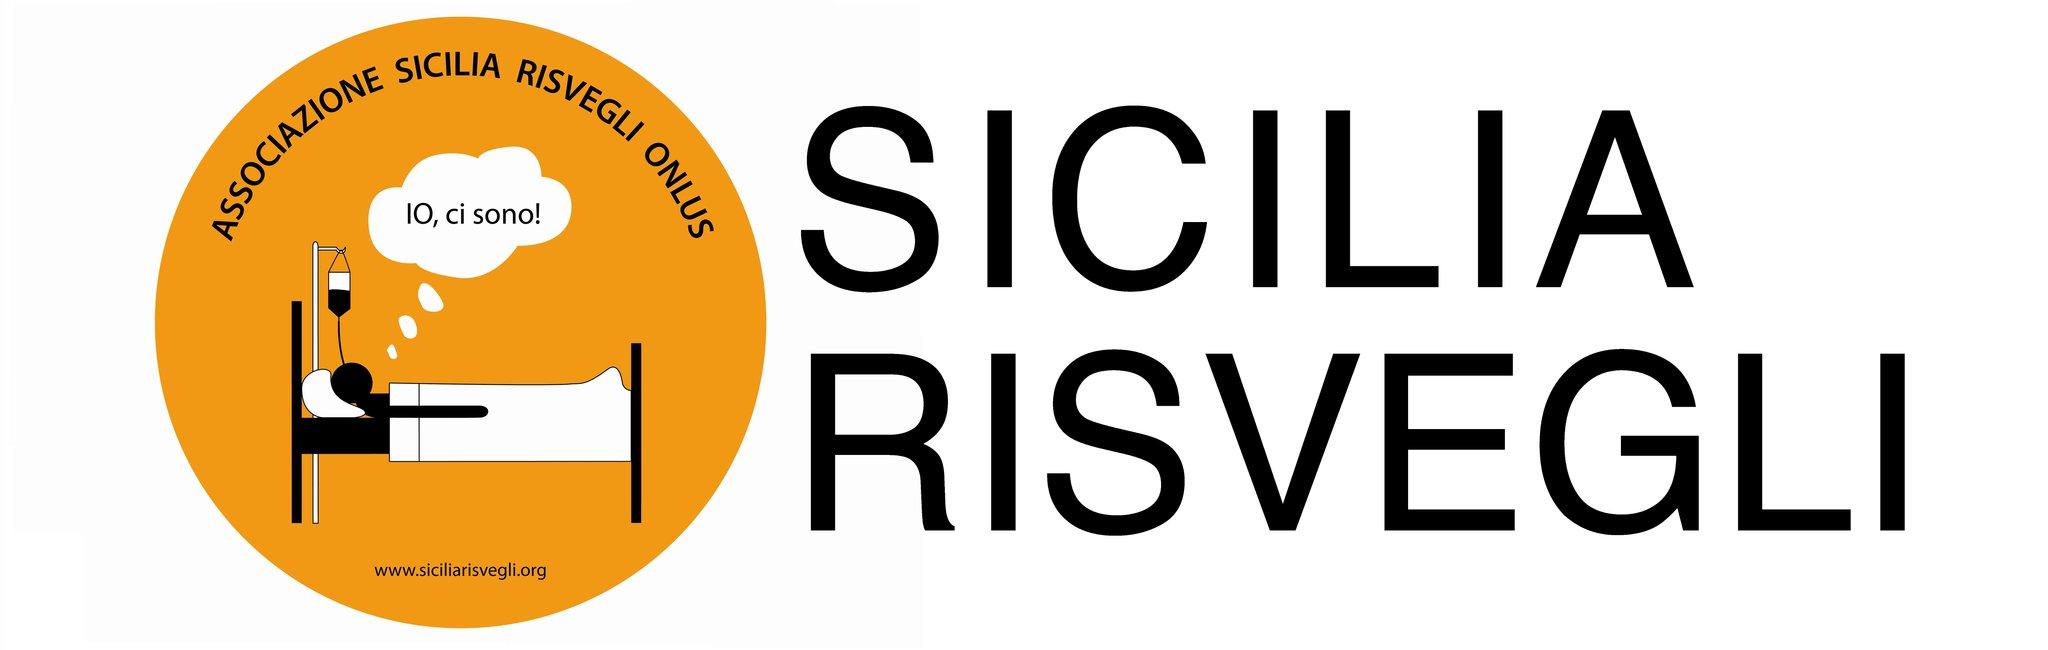 Sicilia Risvegli